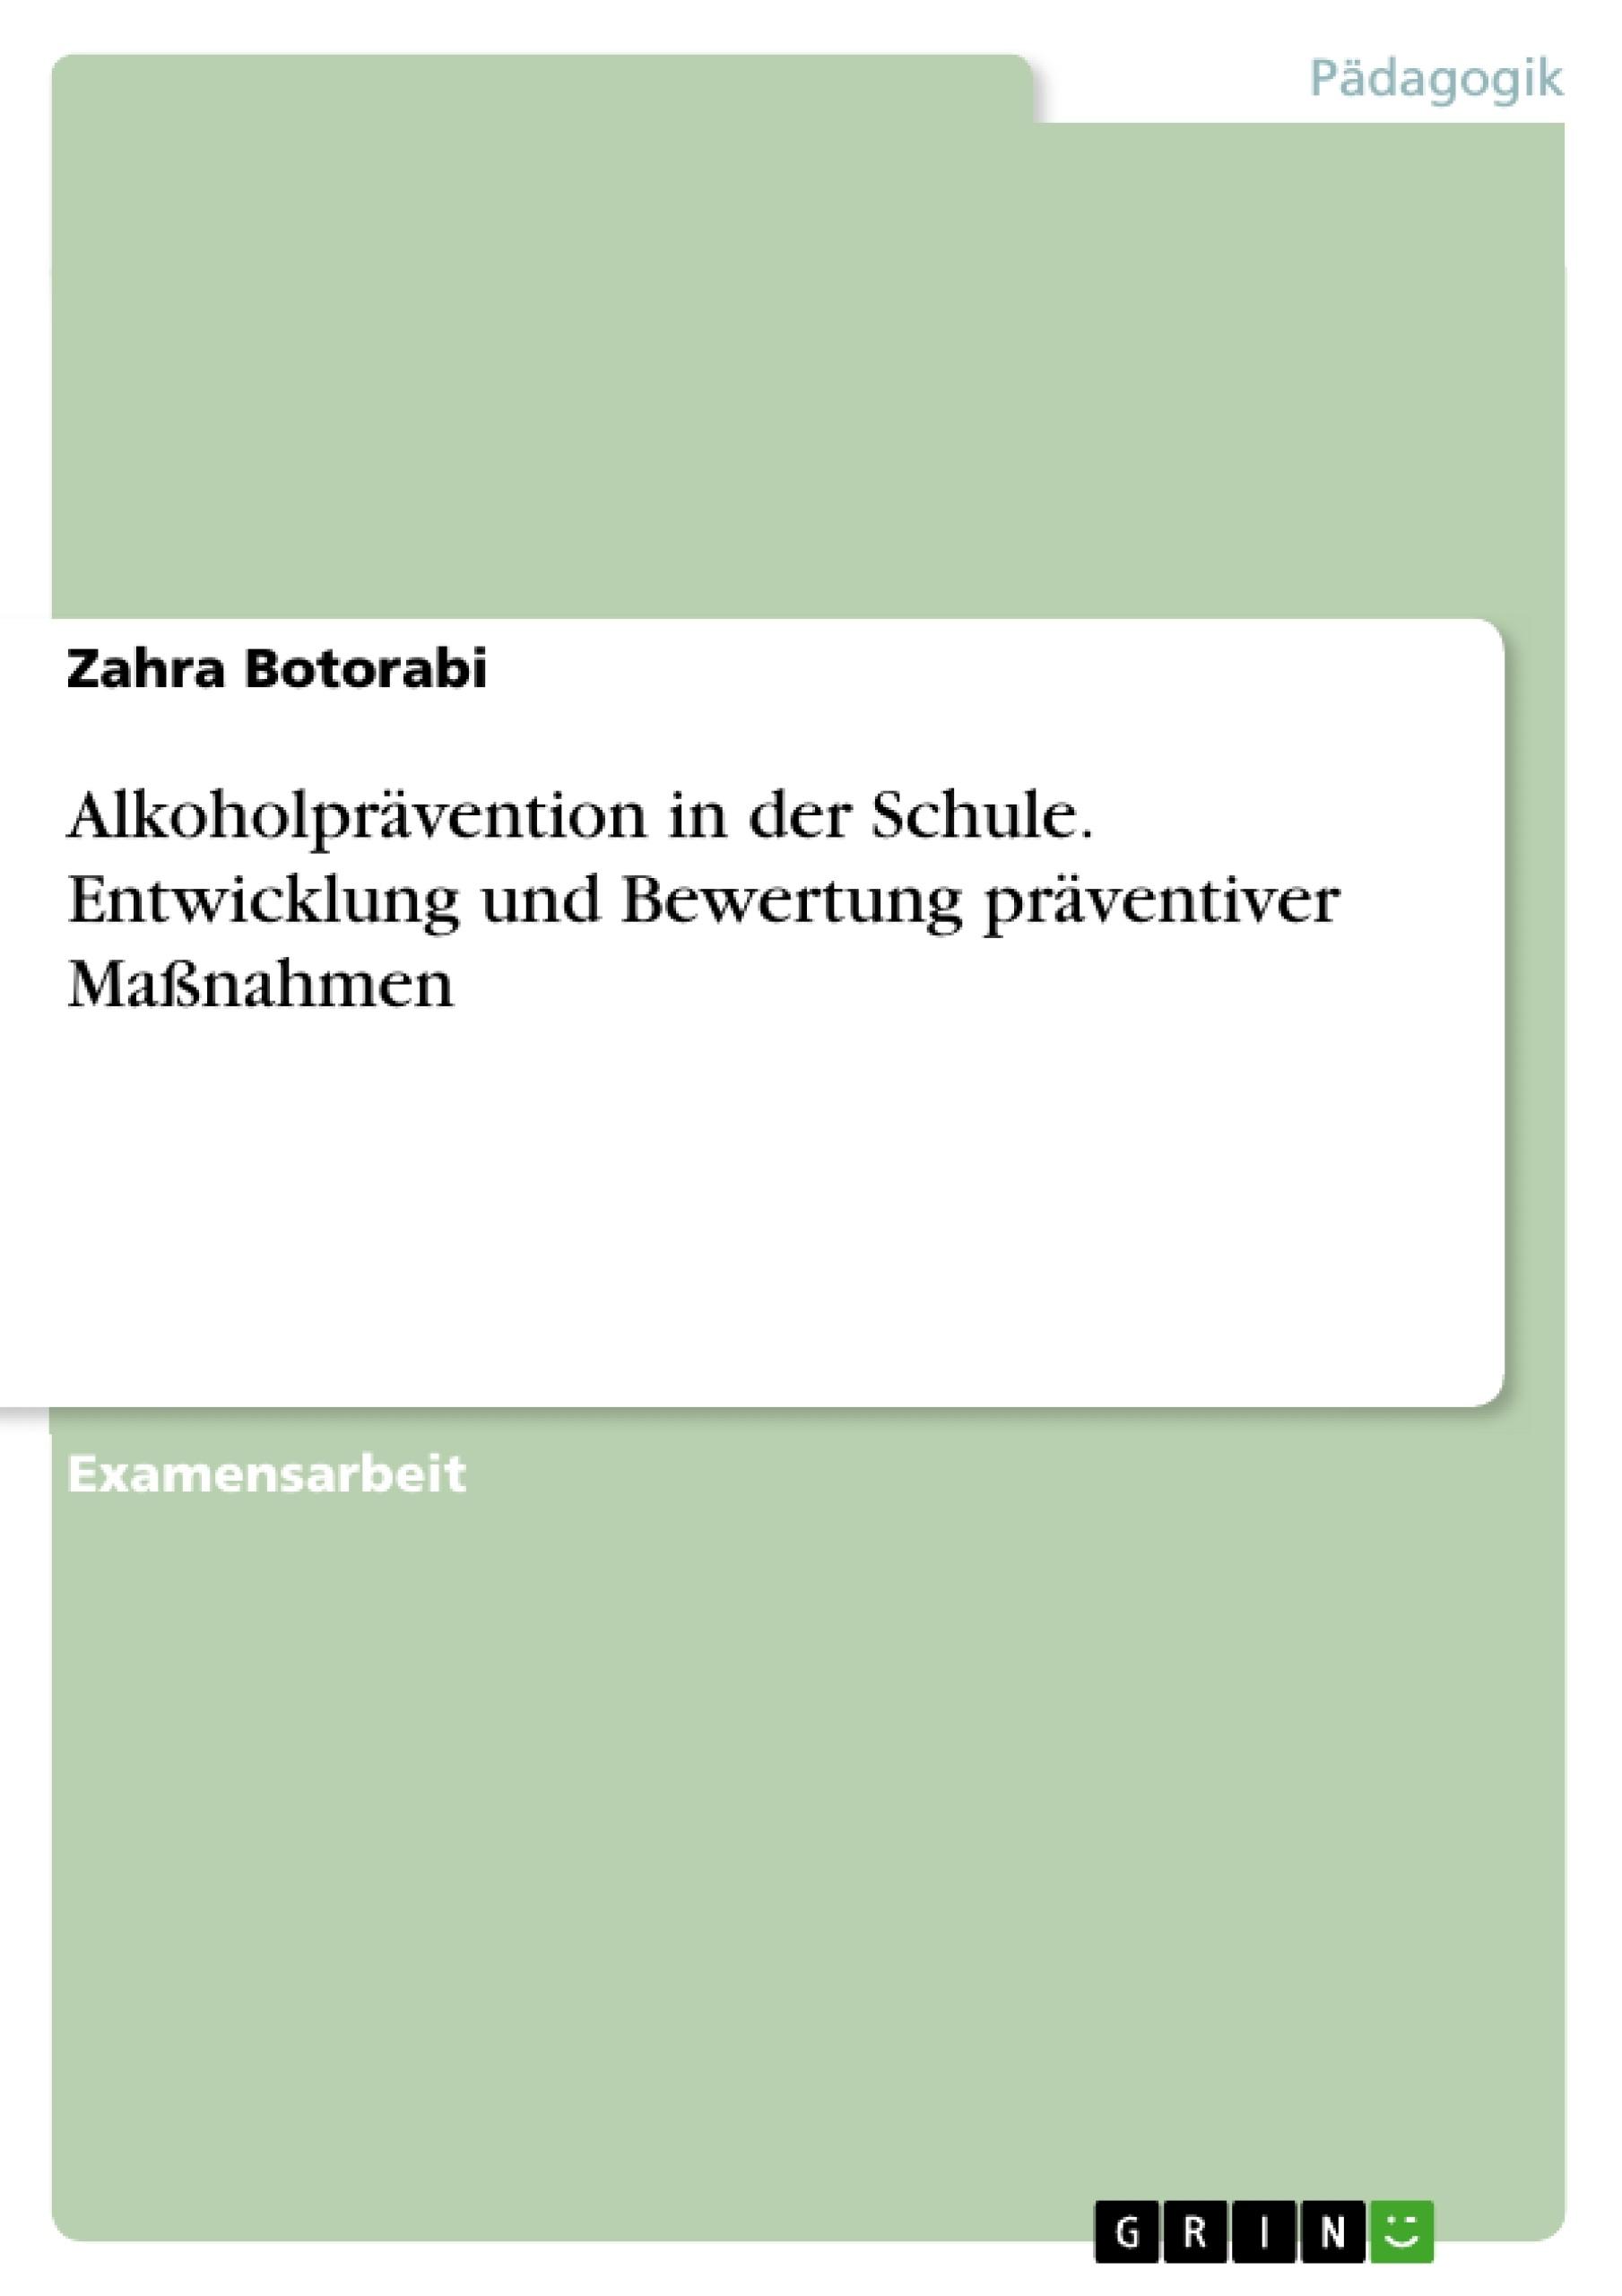 Titel: Alkoholprävention in der Schule. Entwicklung und Bewertung präventiver Maßnahmen